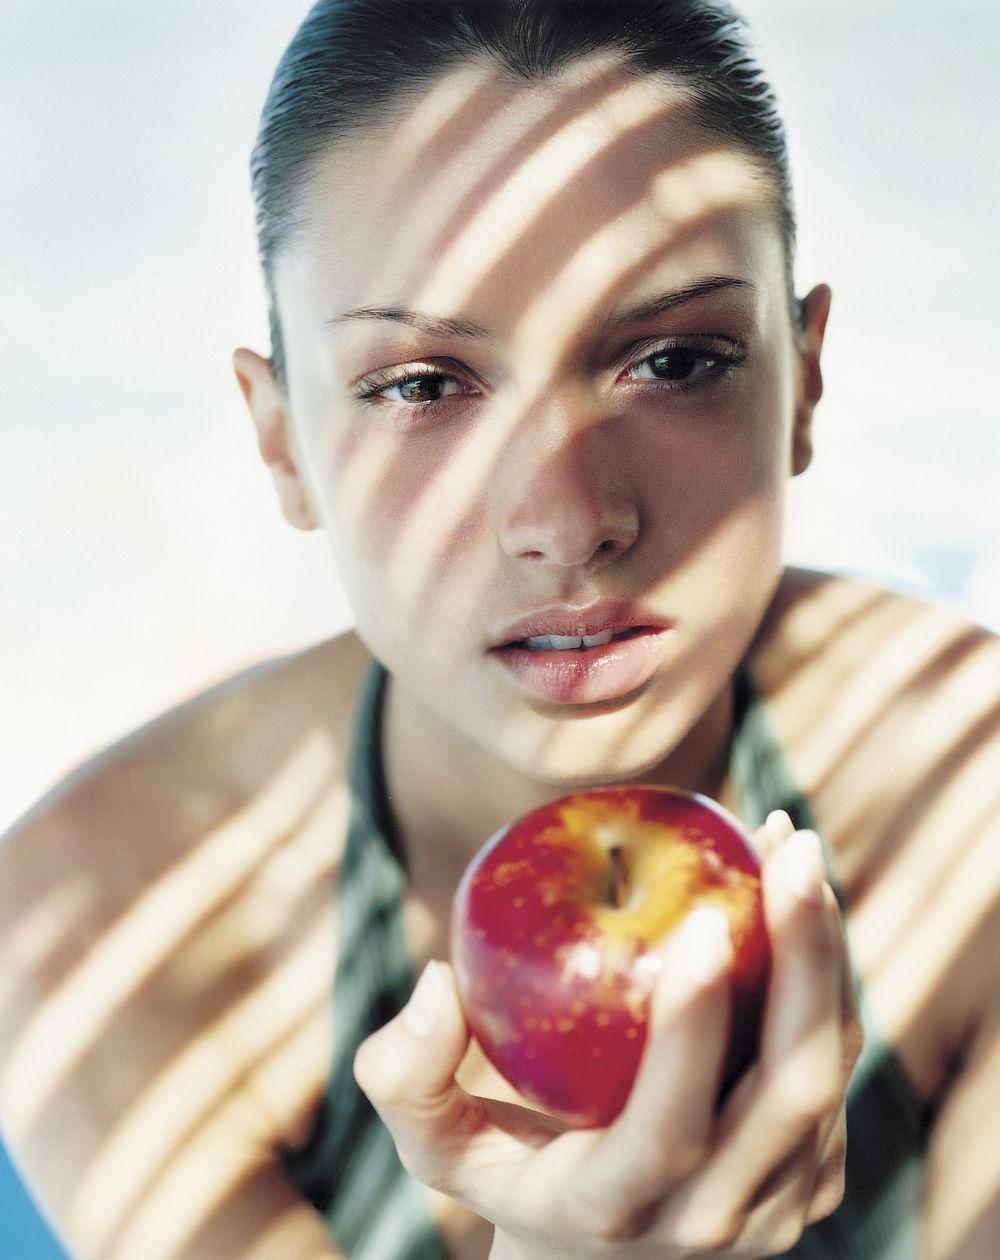 La manzana es una de las mejores frutas para quitarte el apetito entre...